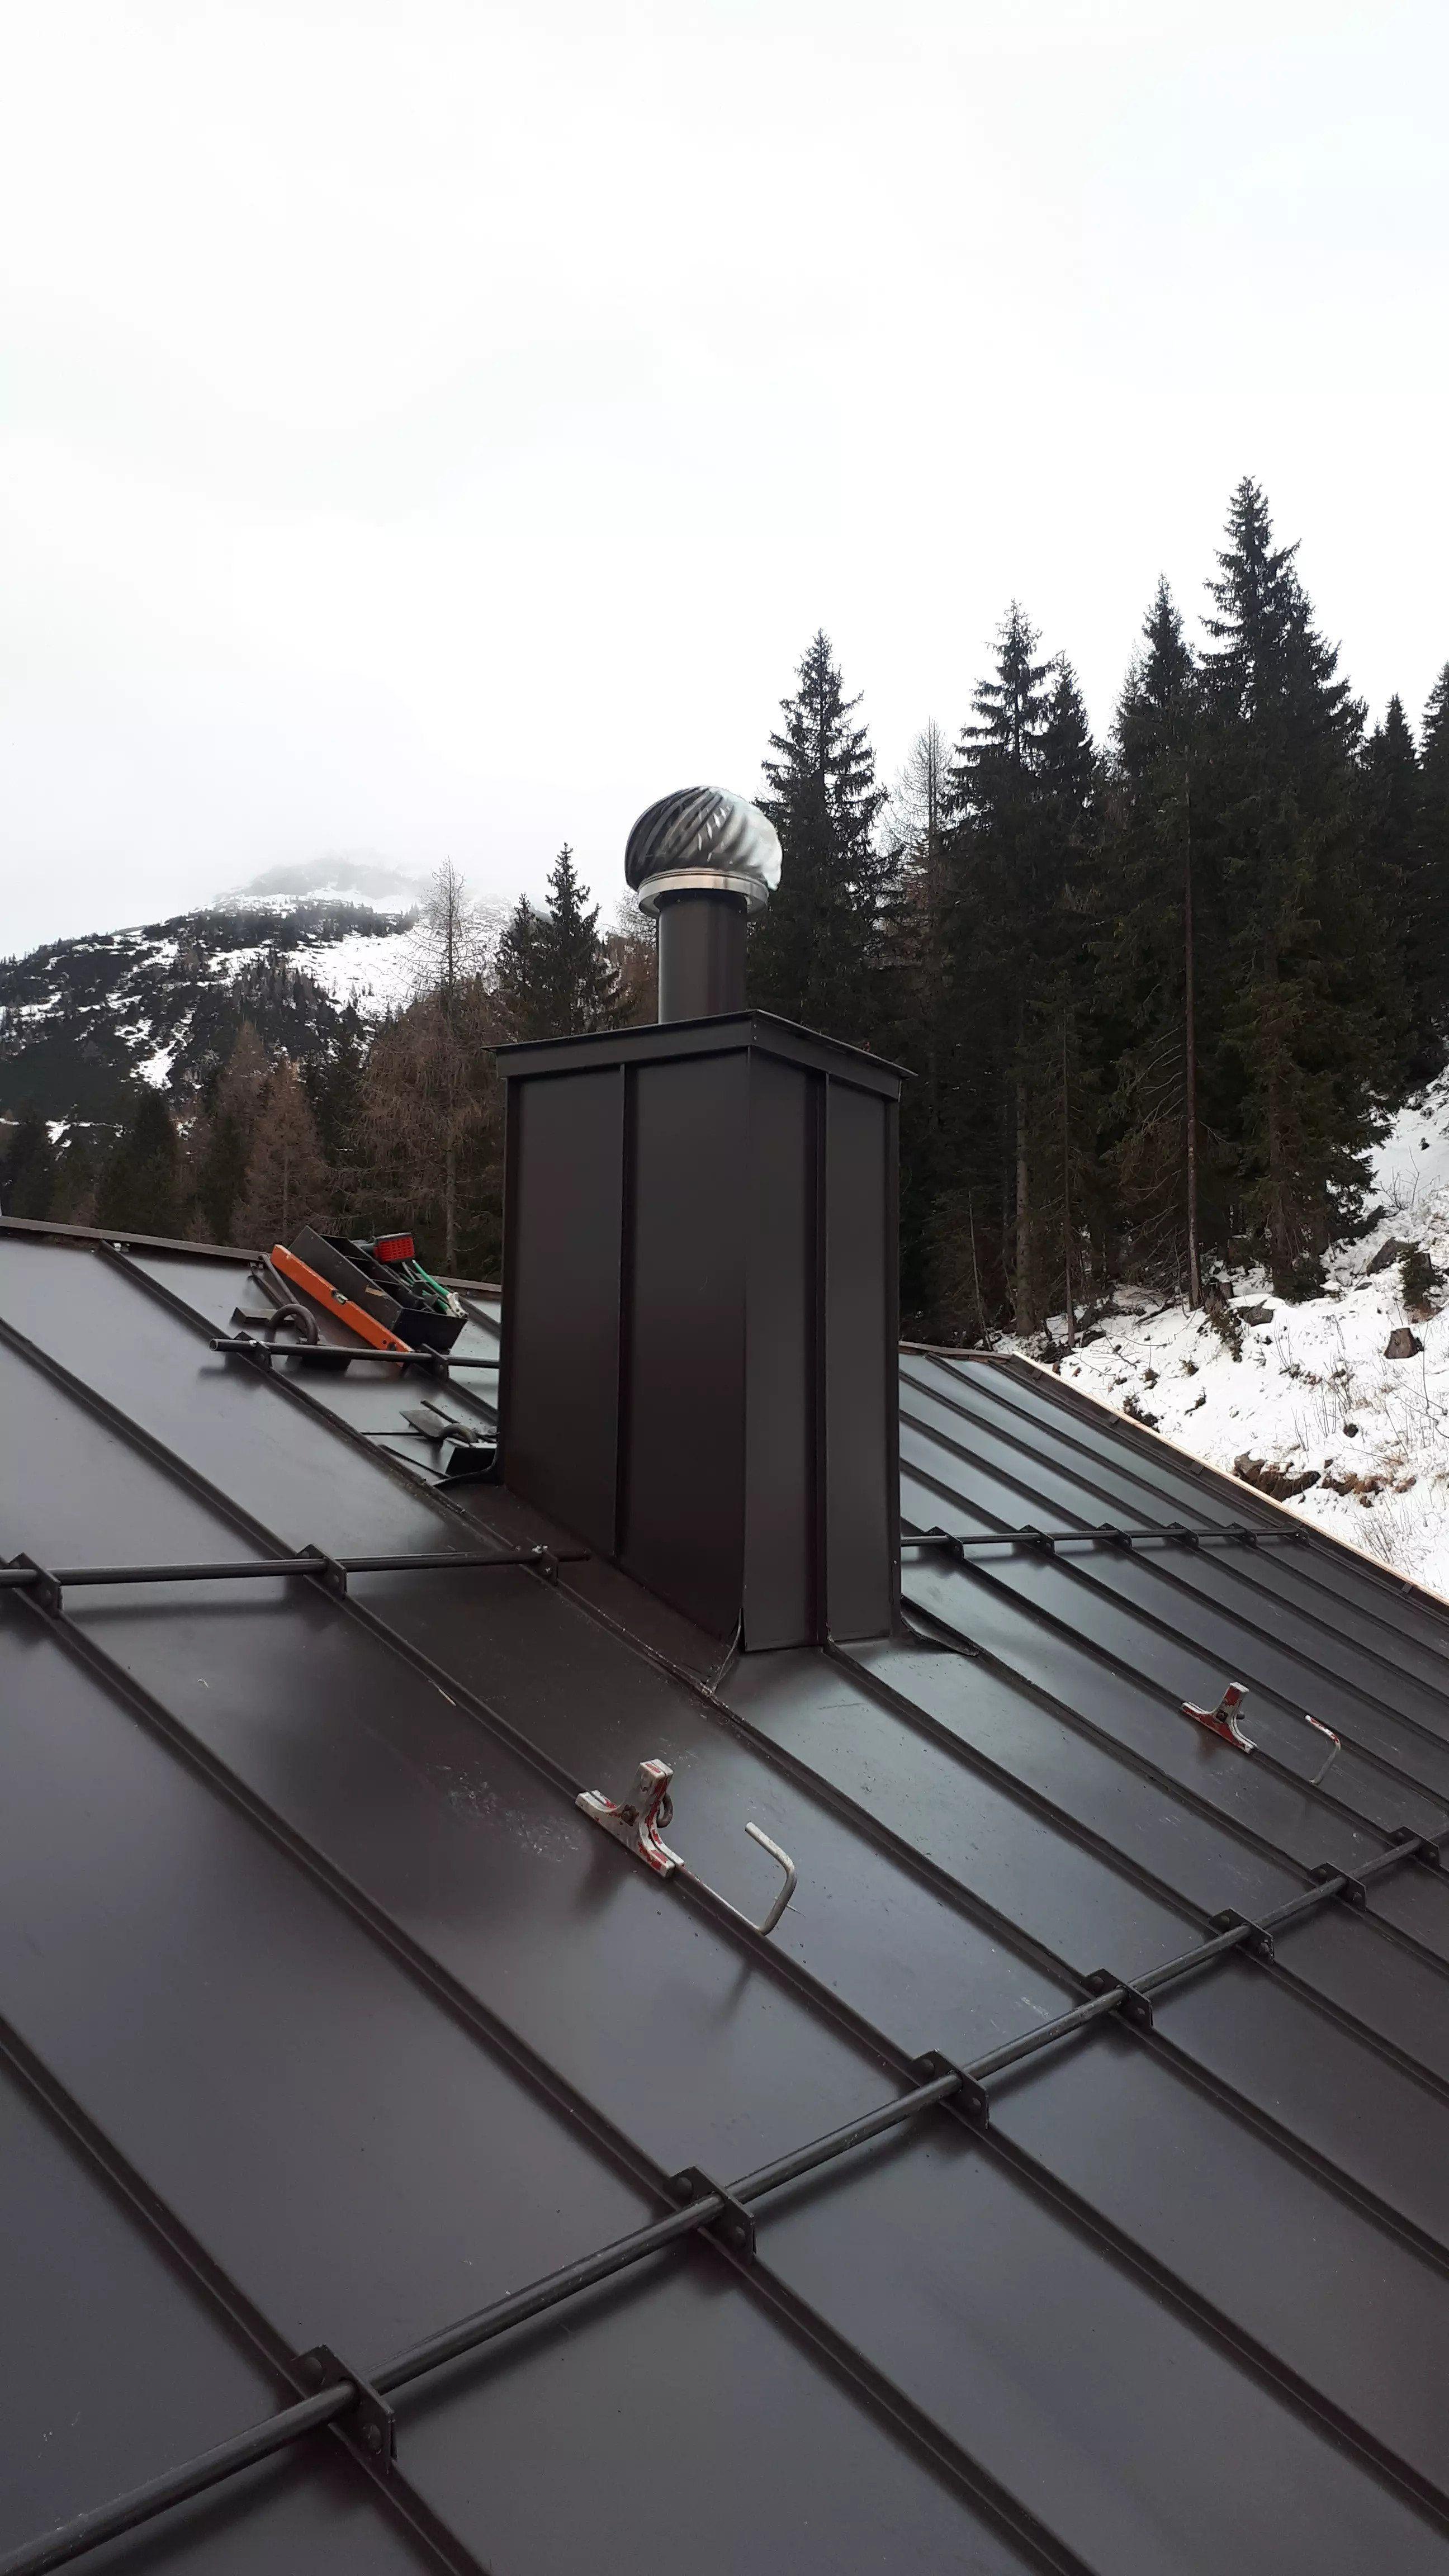 Dacheindeckung und Kamin Almhotel